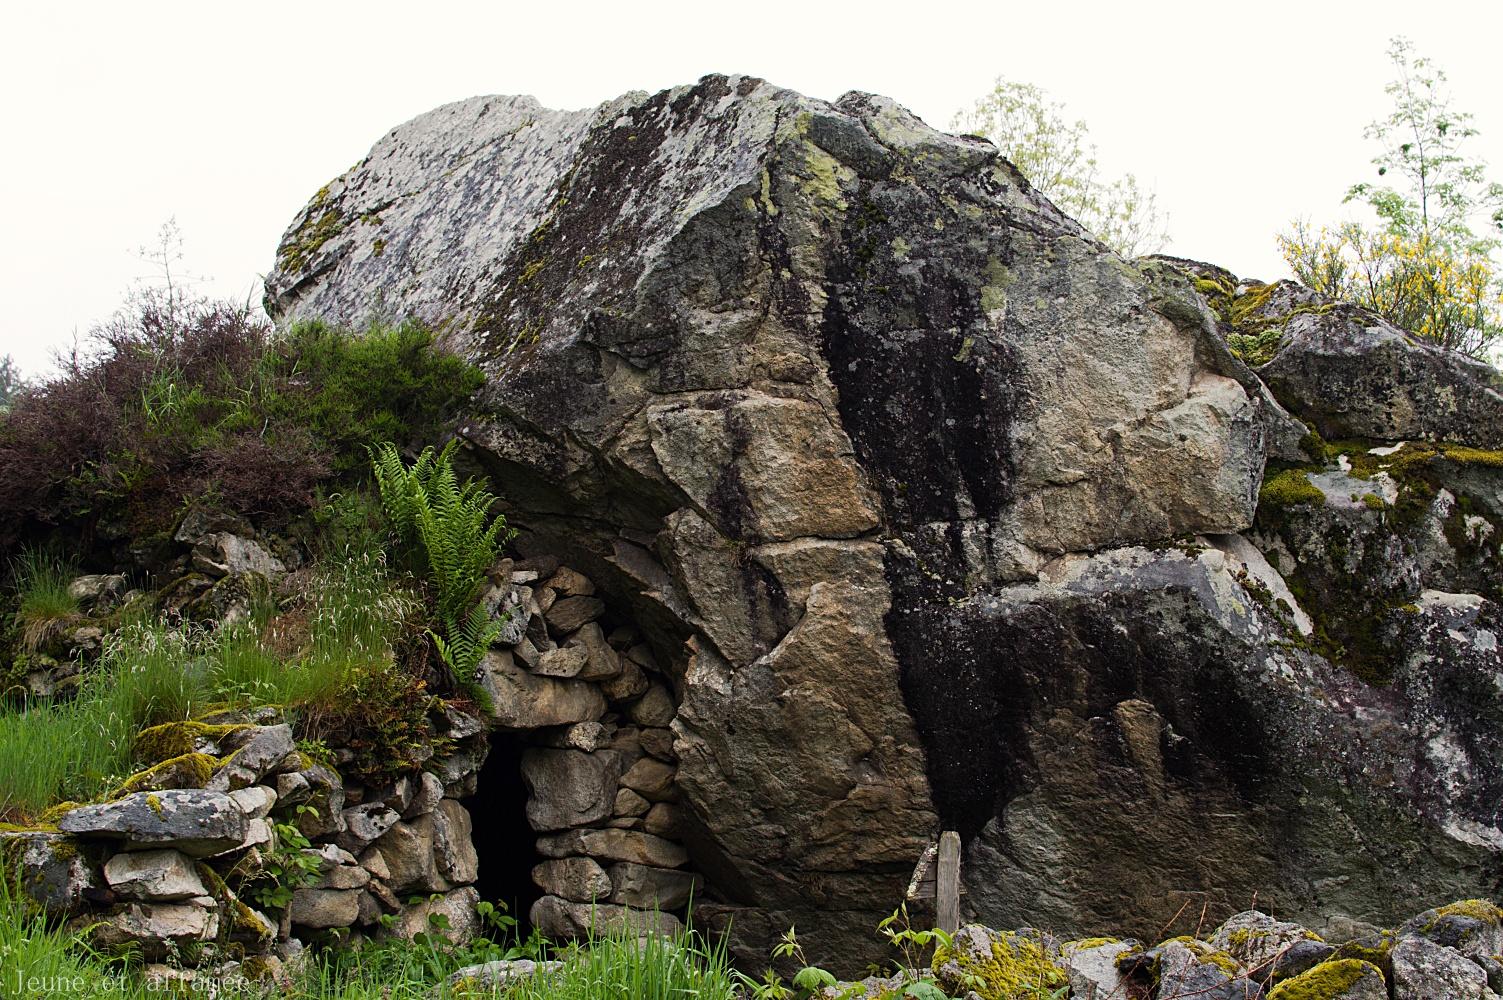 Cabane en pierre sèche, sous un énorme rocher